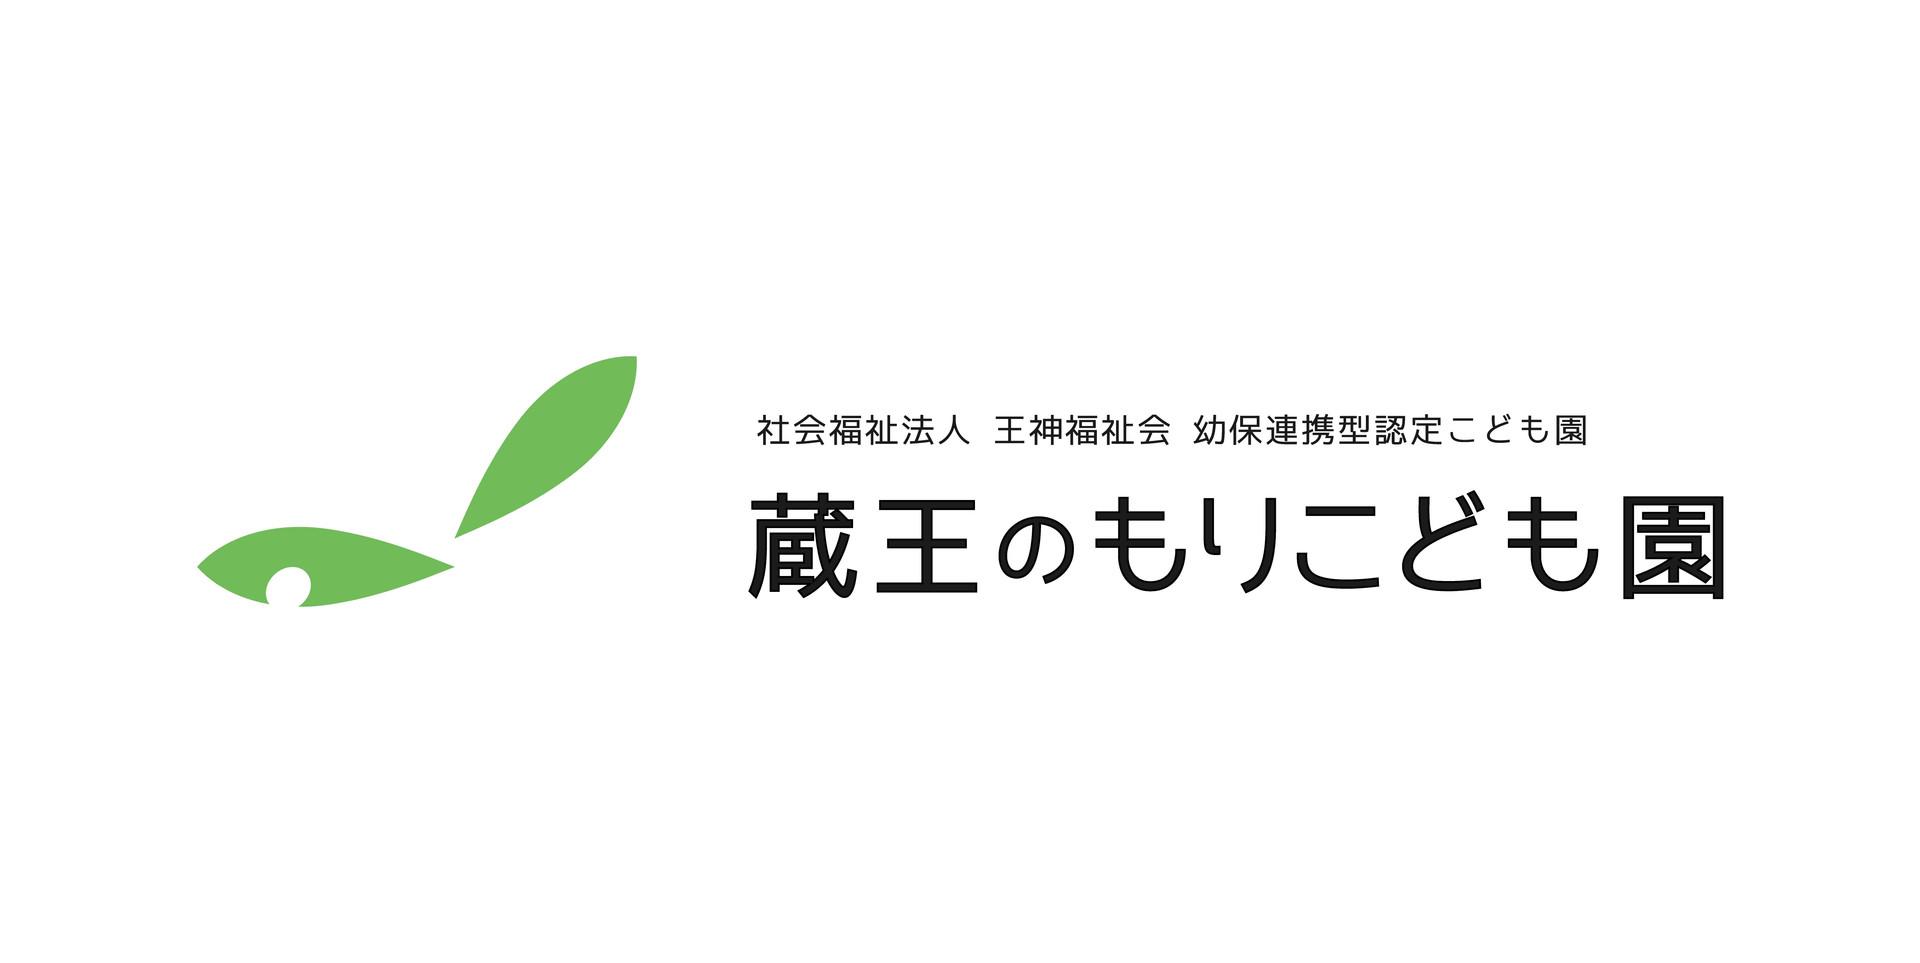 蔵王_アートボード 1.jpg